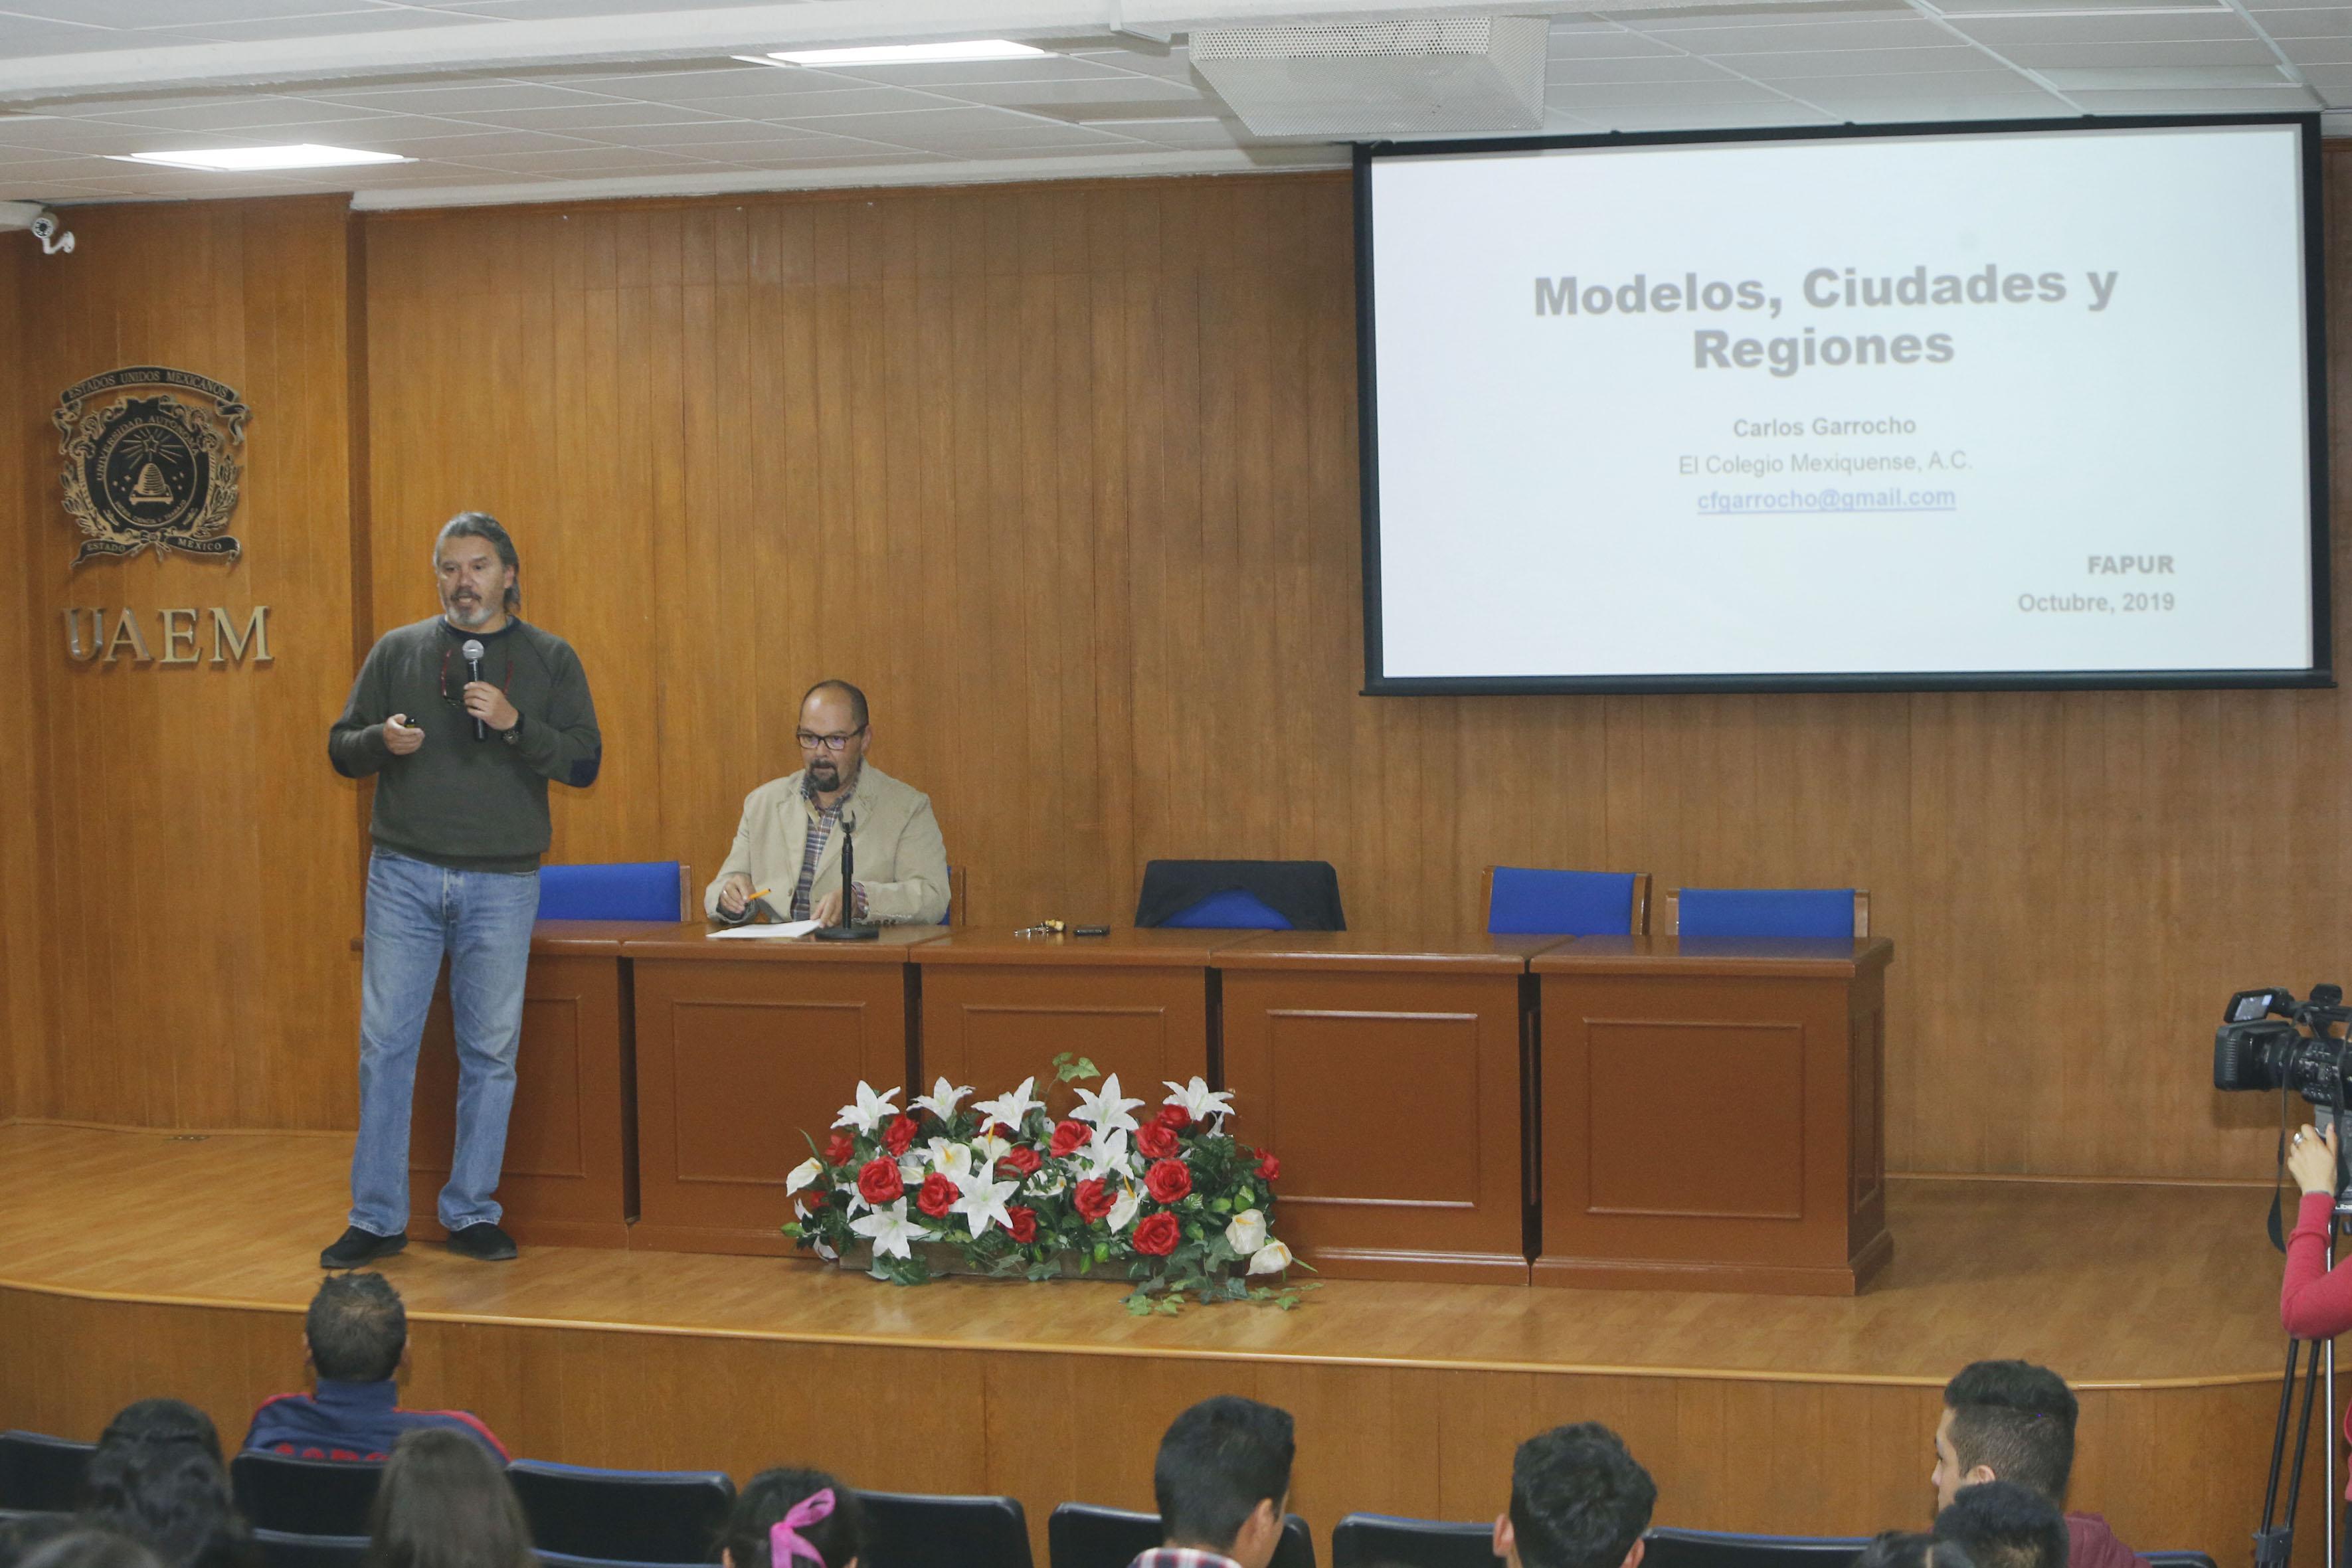 UAEM realiza Semana del Urbanismo y la Planeación Territorial